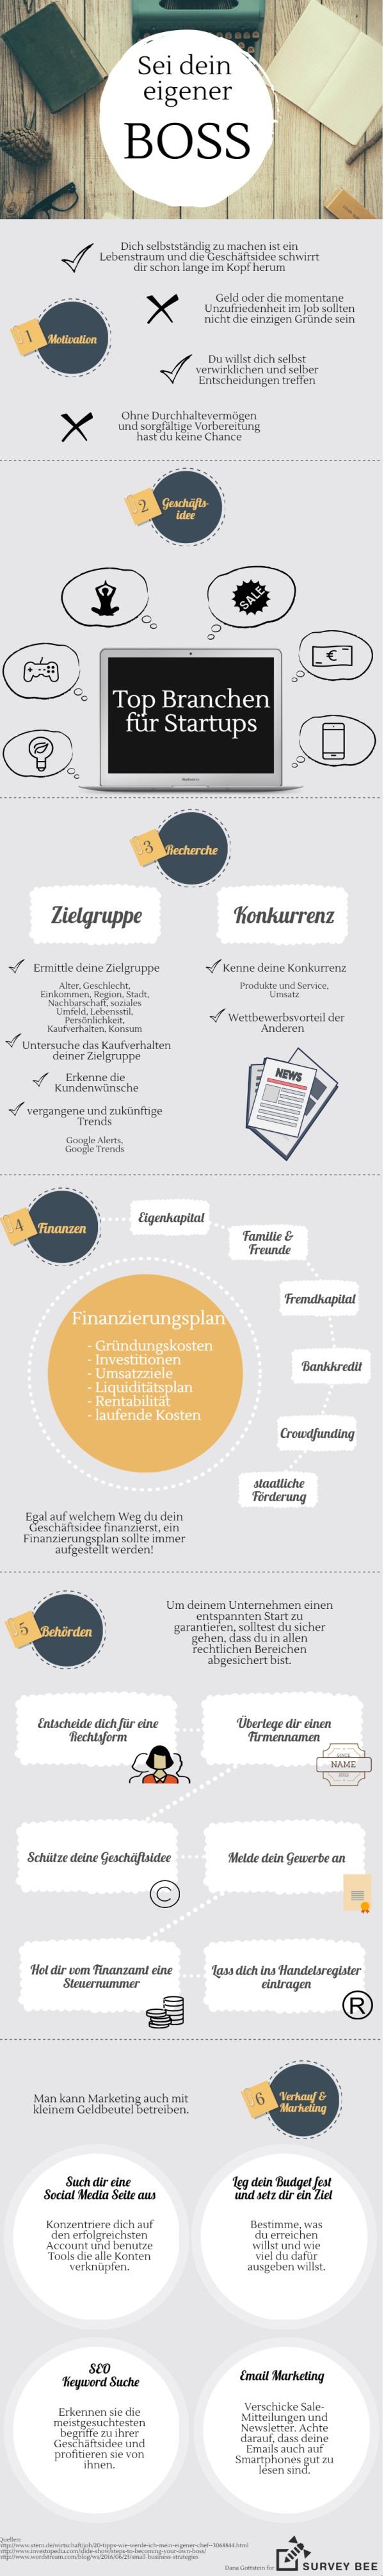 Sei dein eigener Boss, wichtige Aspekte auf dem Weg zur Selbständigkeit (Infografik)